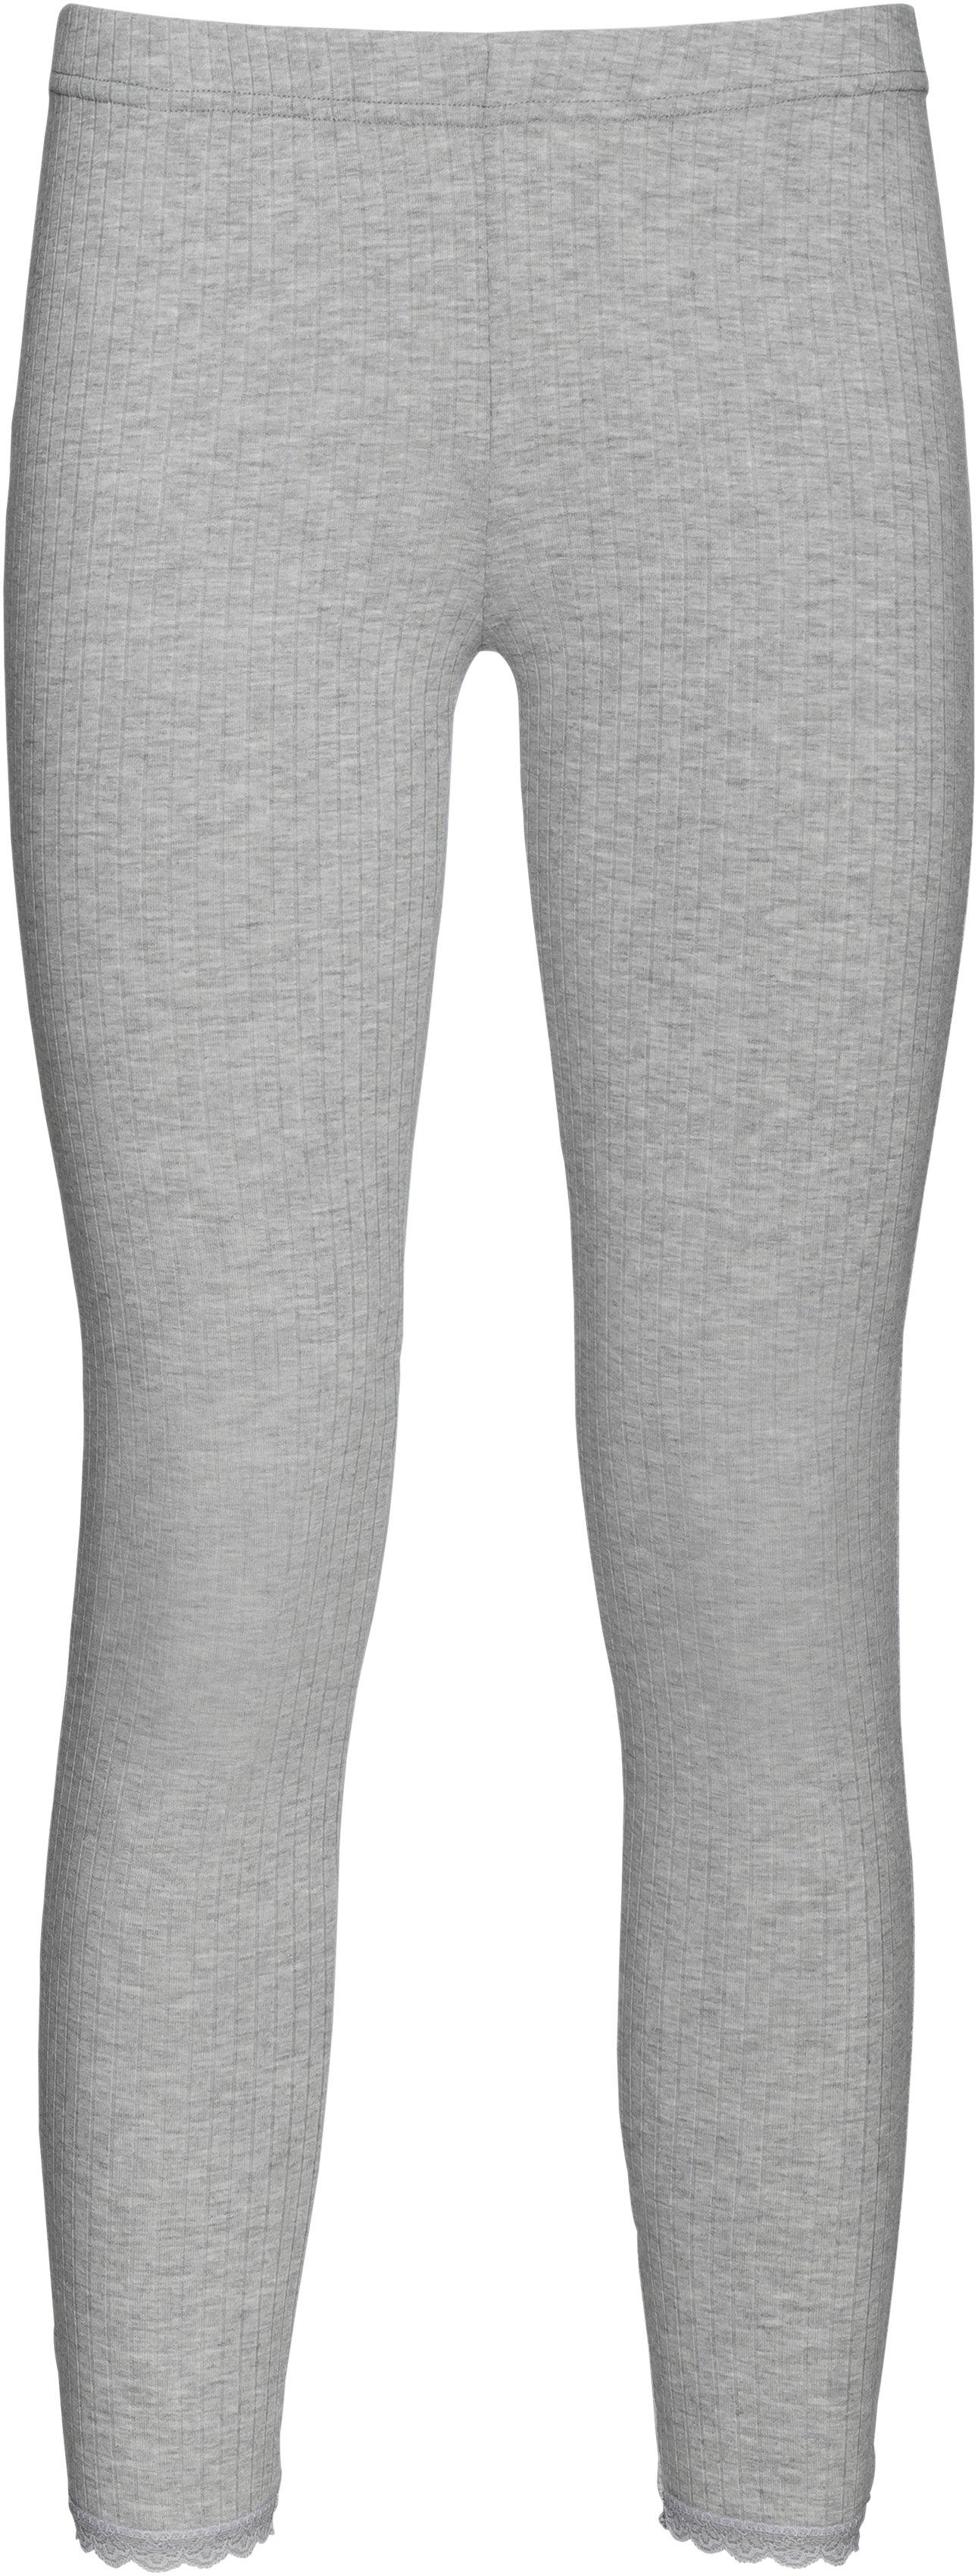 Wäschepur legging met klassiek getrokkennaald-dessin nu online bestellen